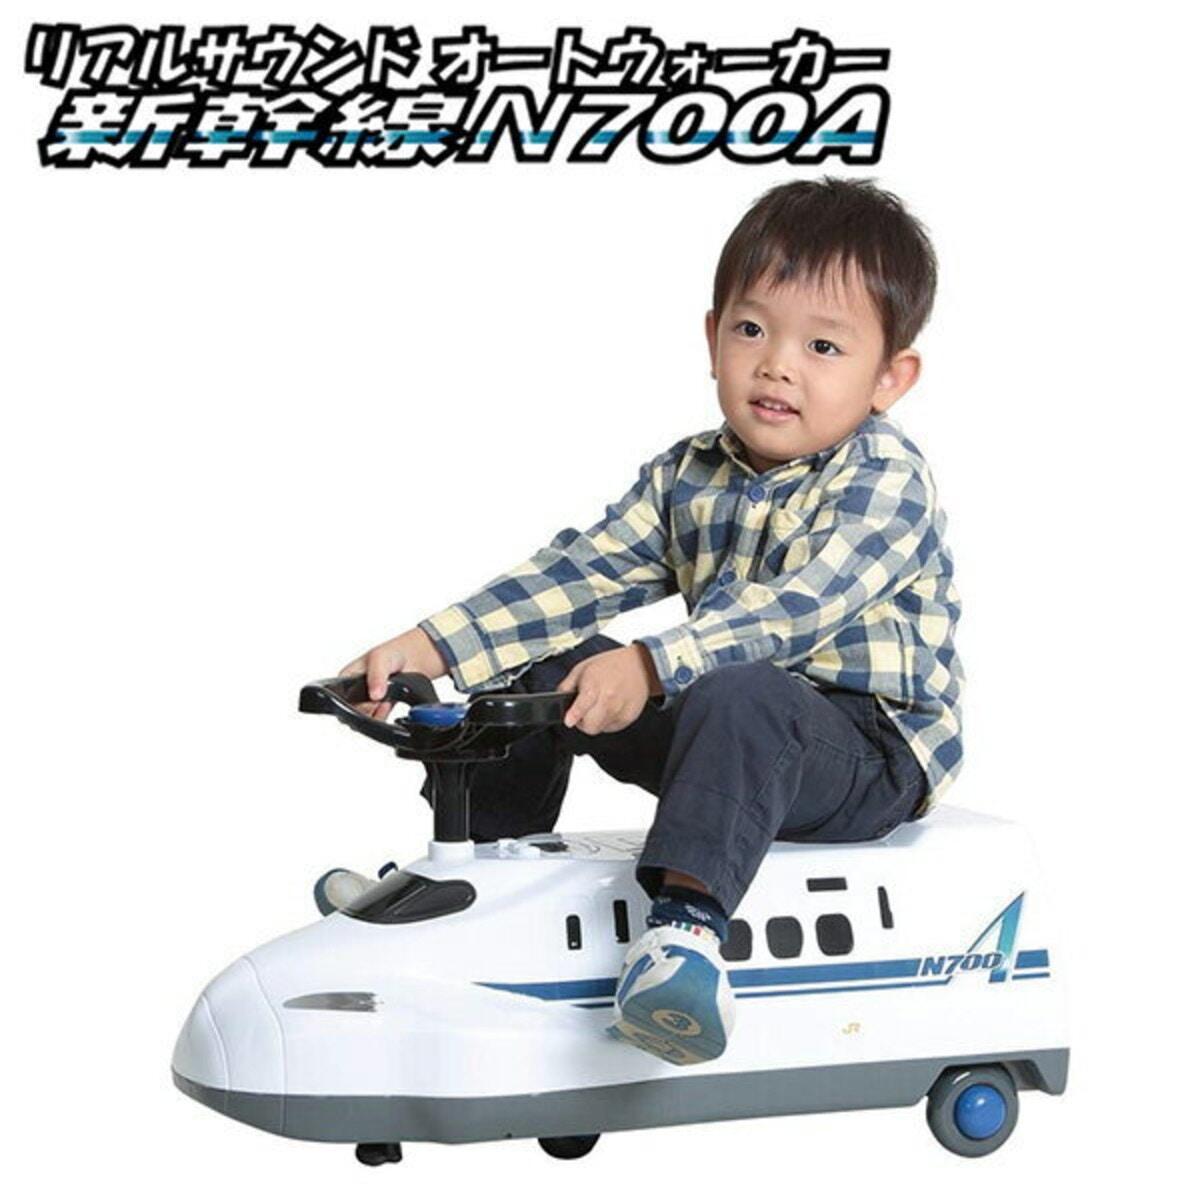 リアルサウンド オートウォーカー 新幹線 N700A